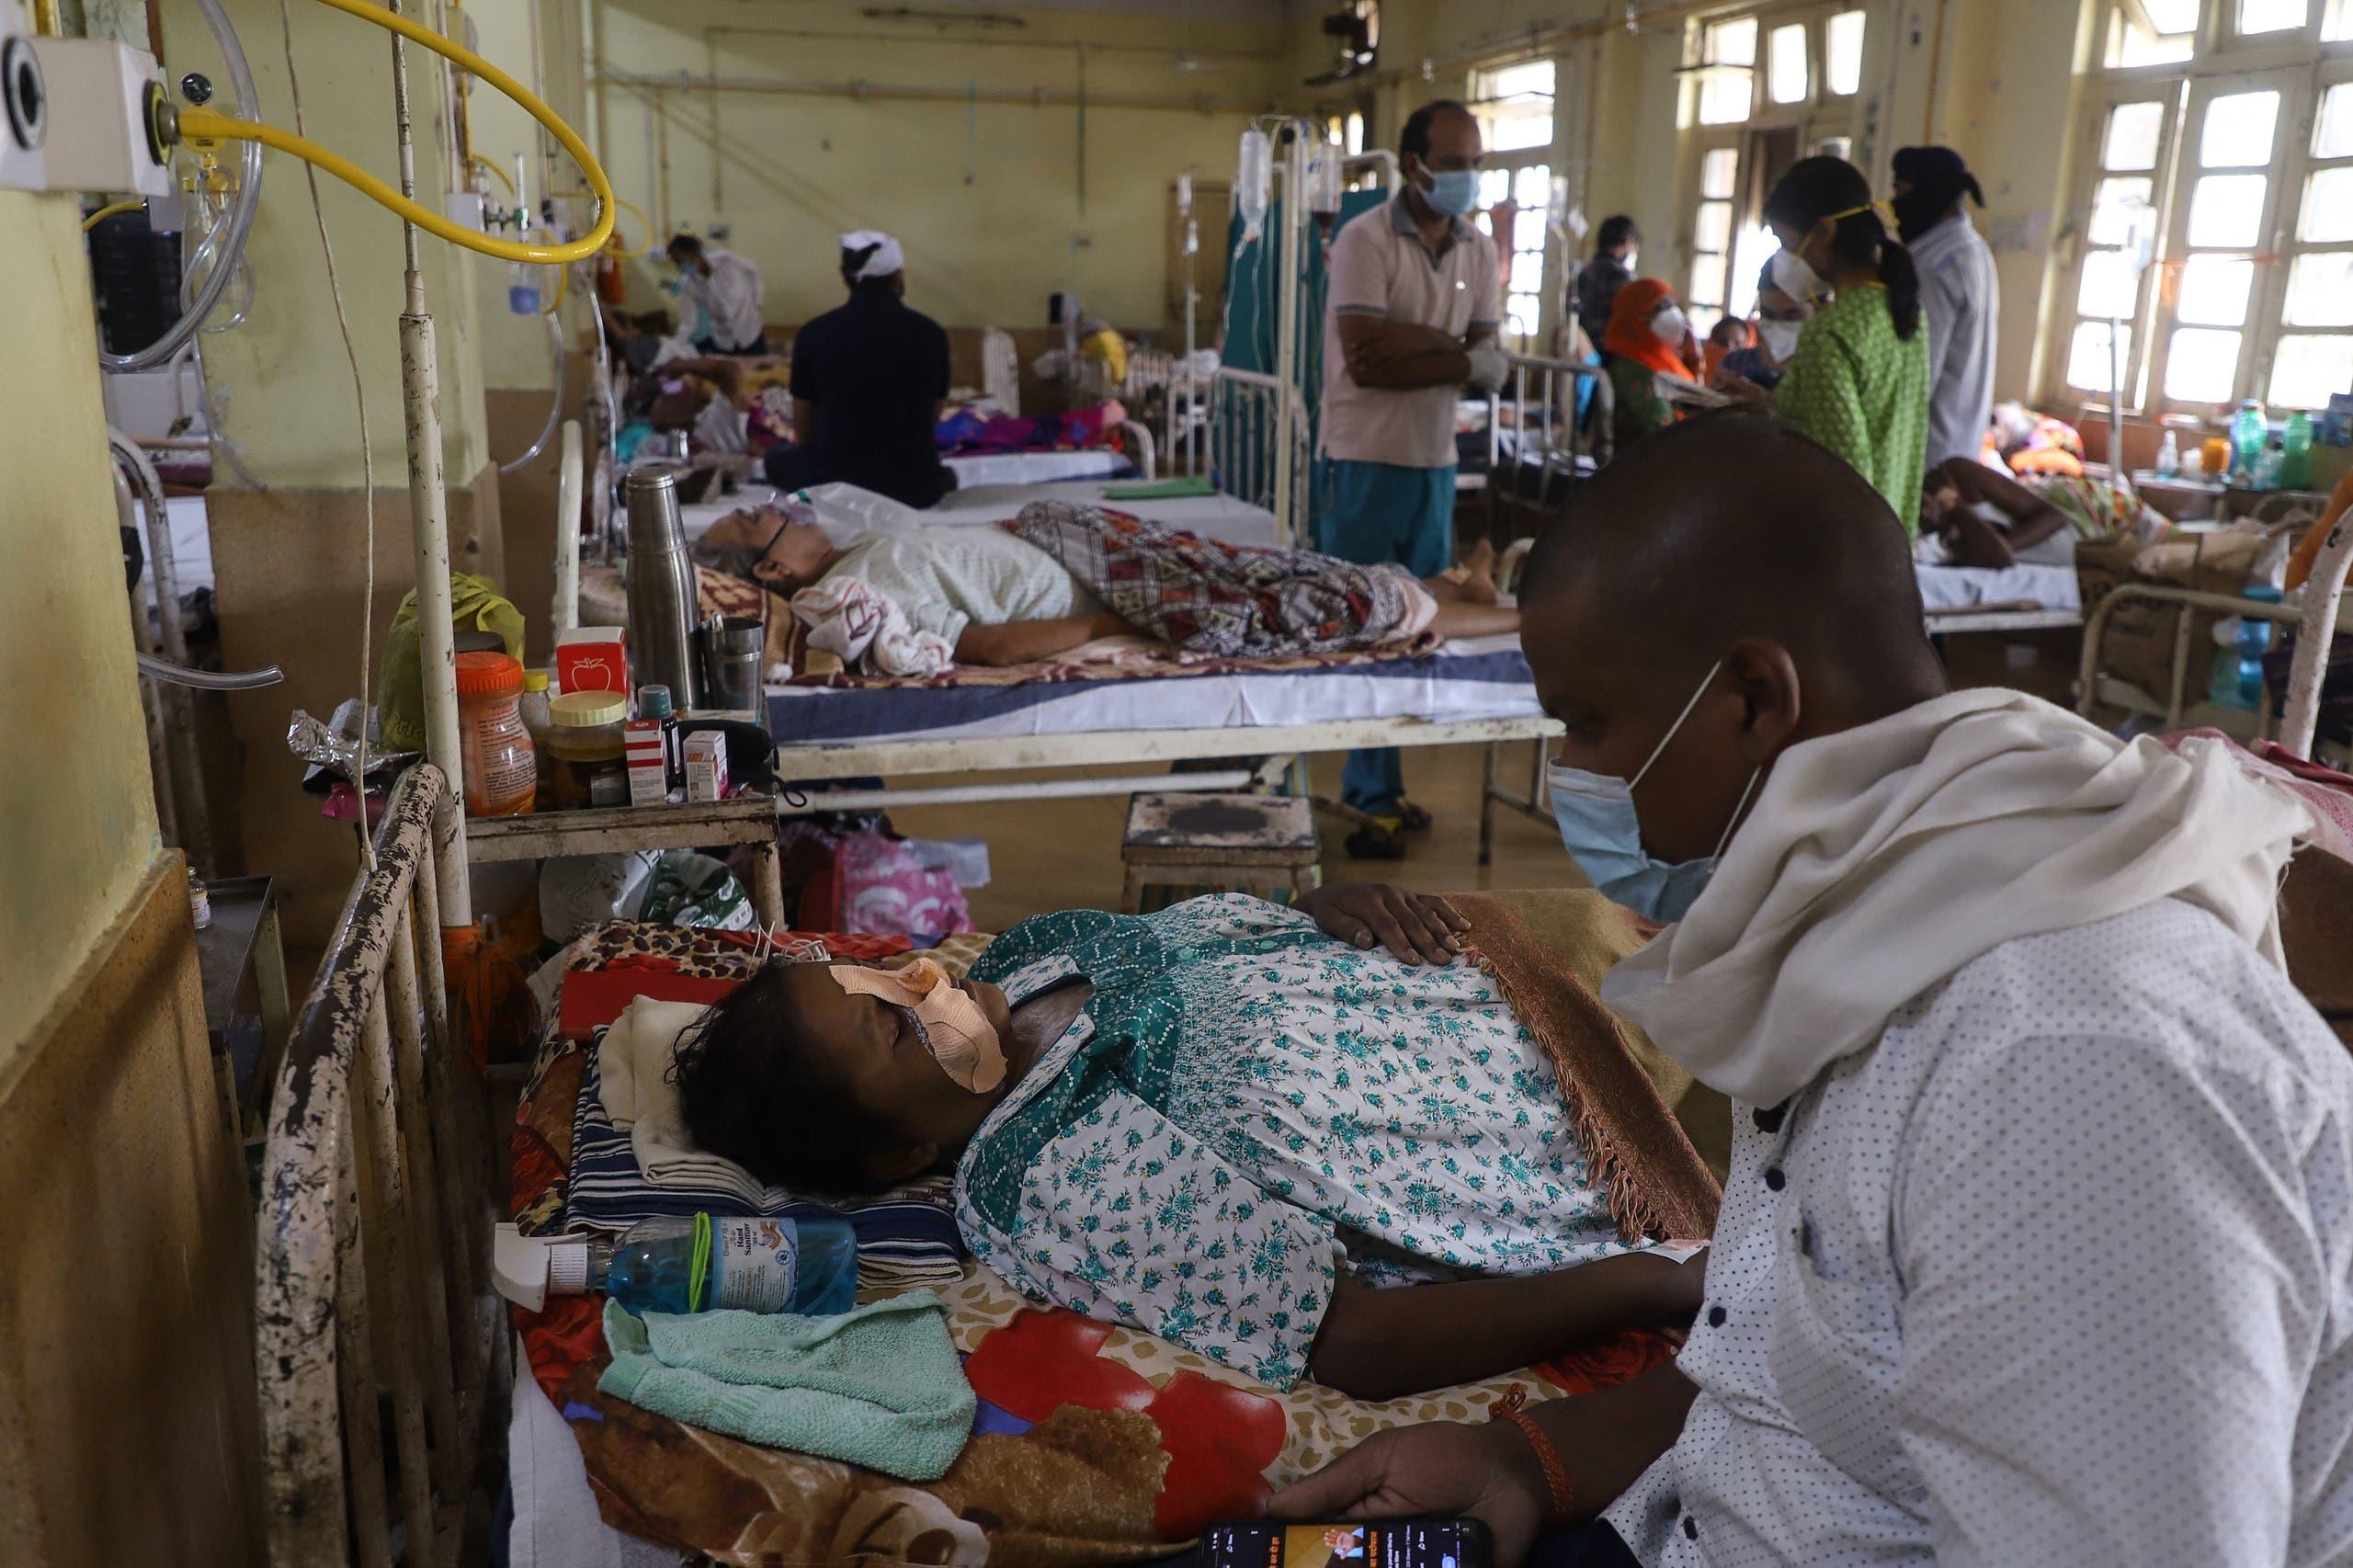 مصابون بالفطر الأسود في مستشفى في جبلبور